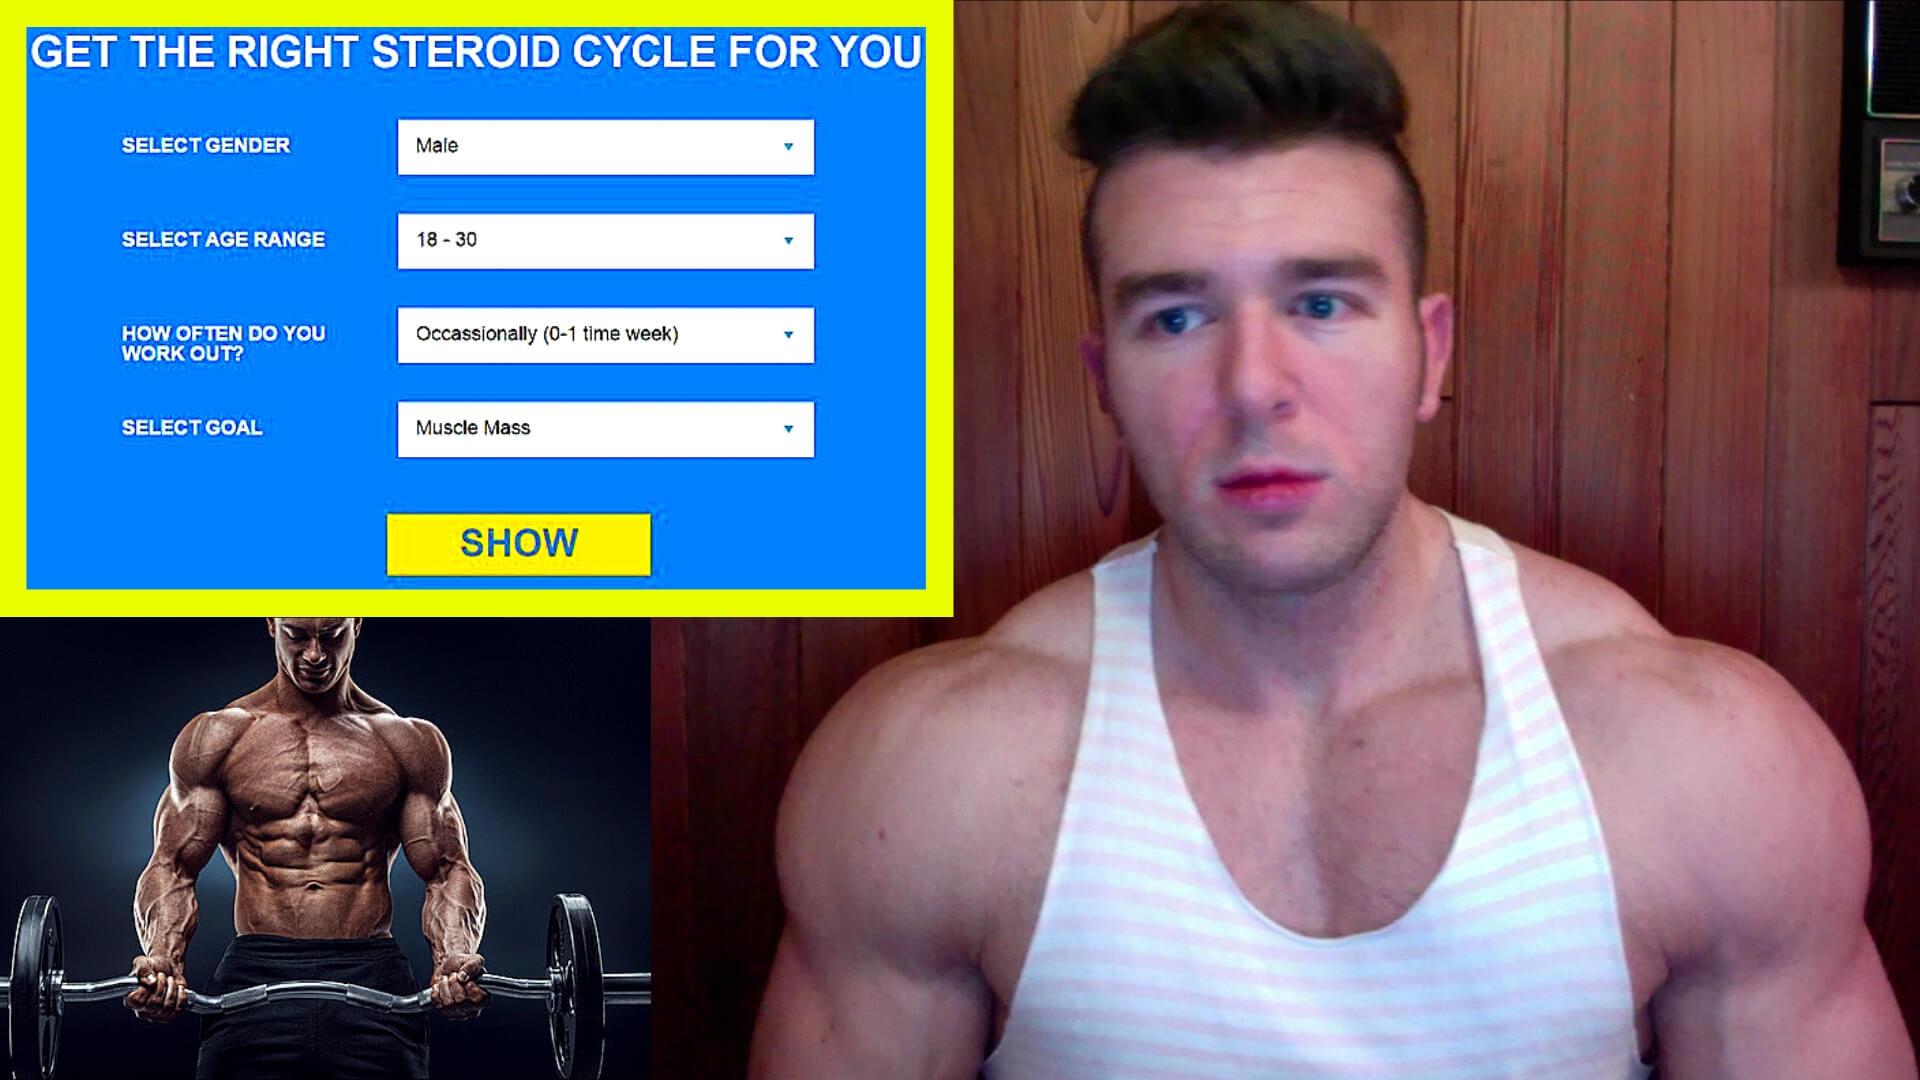 Humalog Bodybuilding Protocol